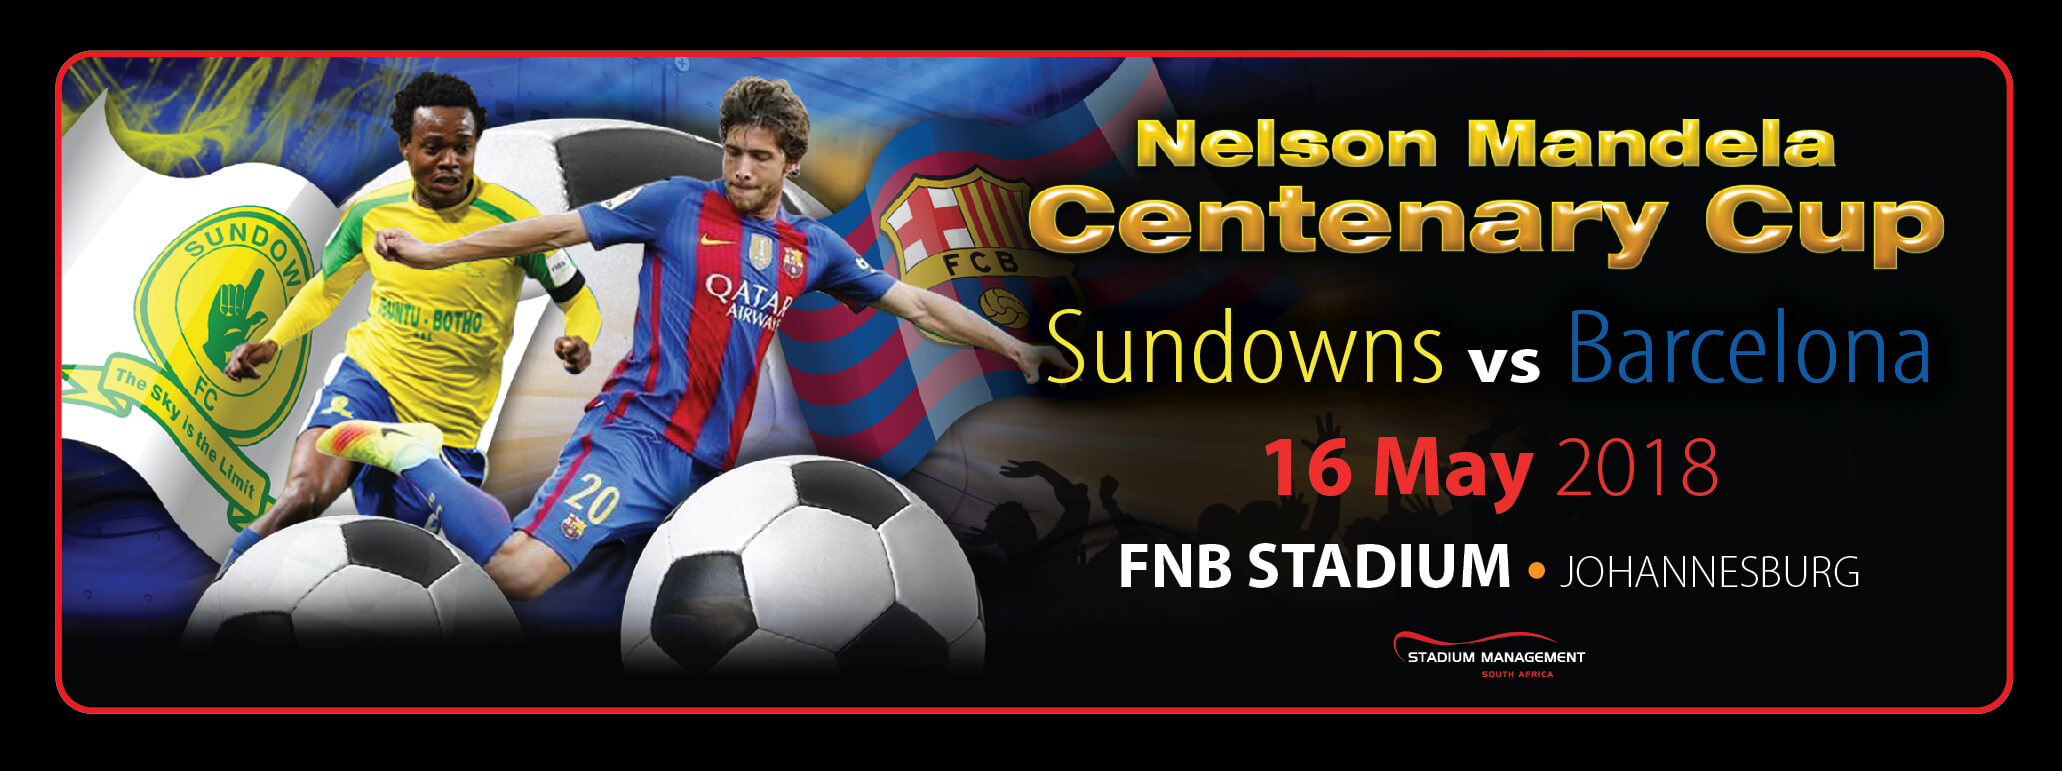 Date for barcelona vs sundowns